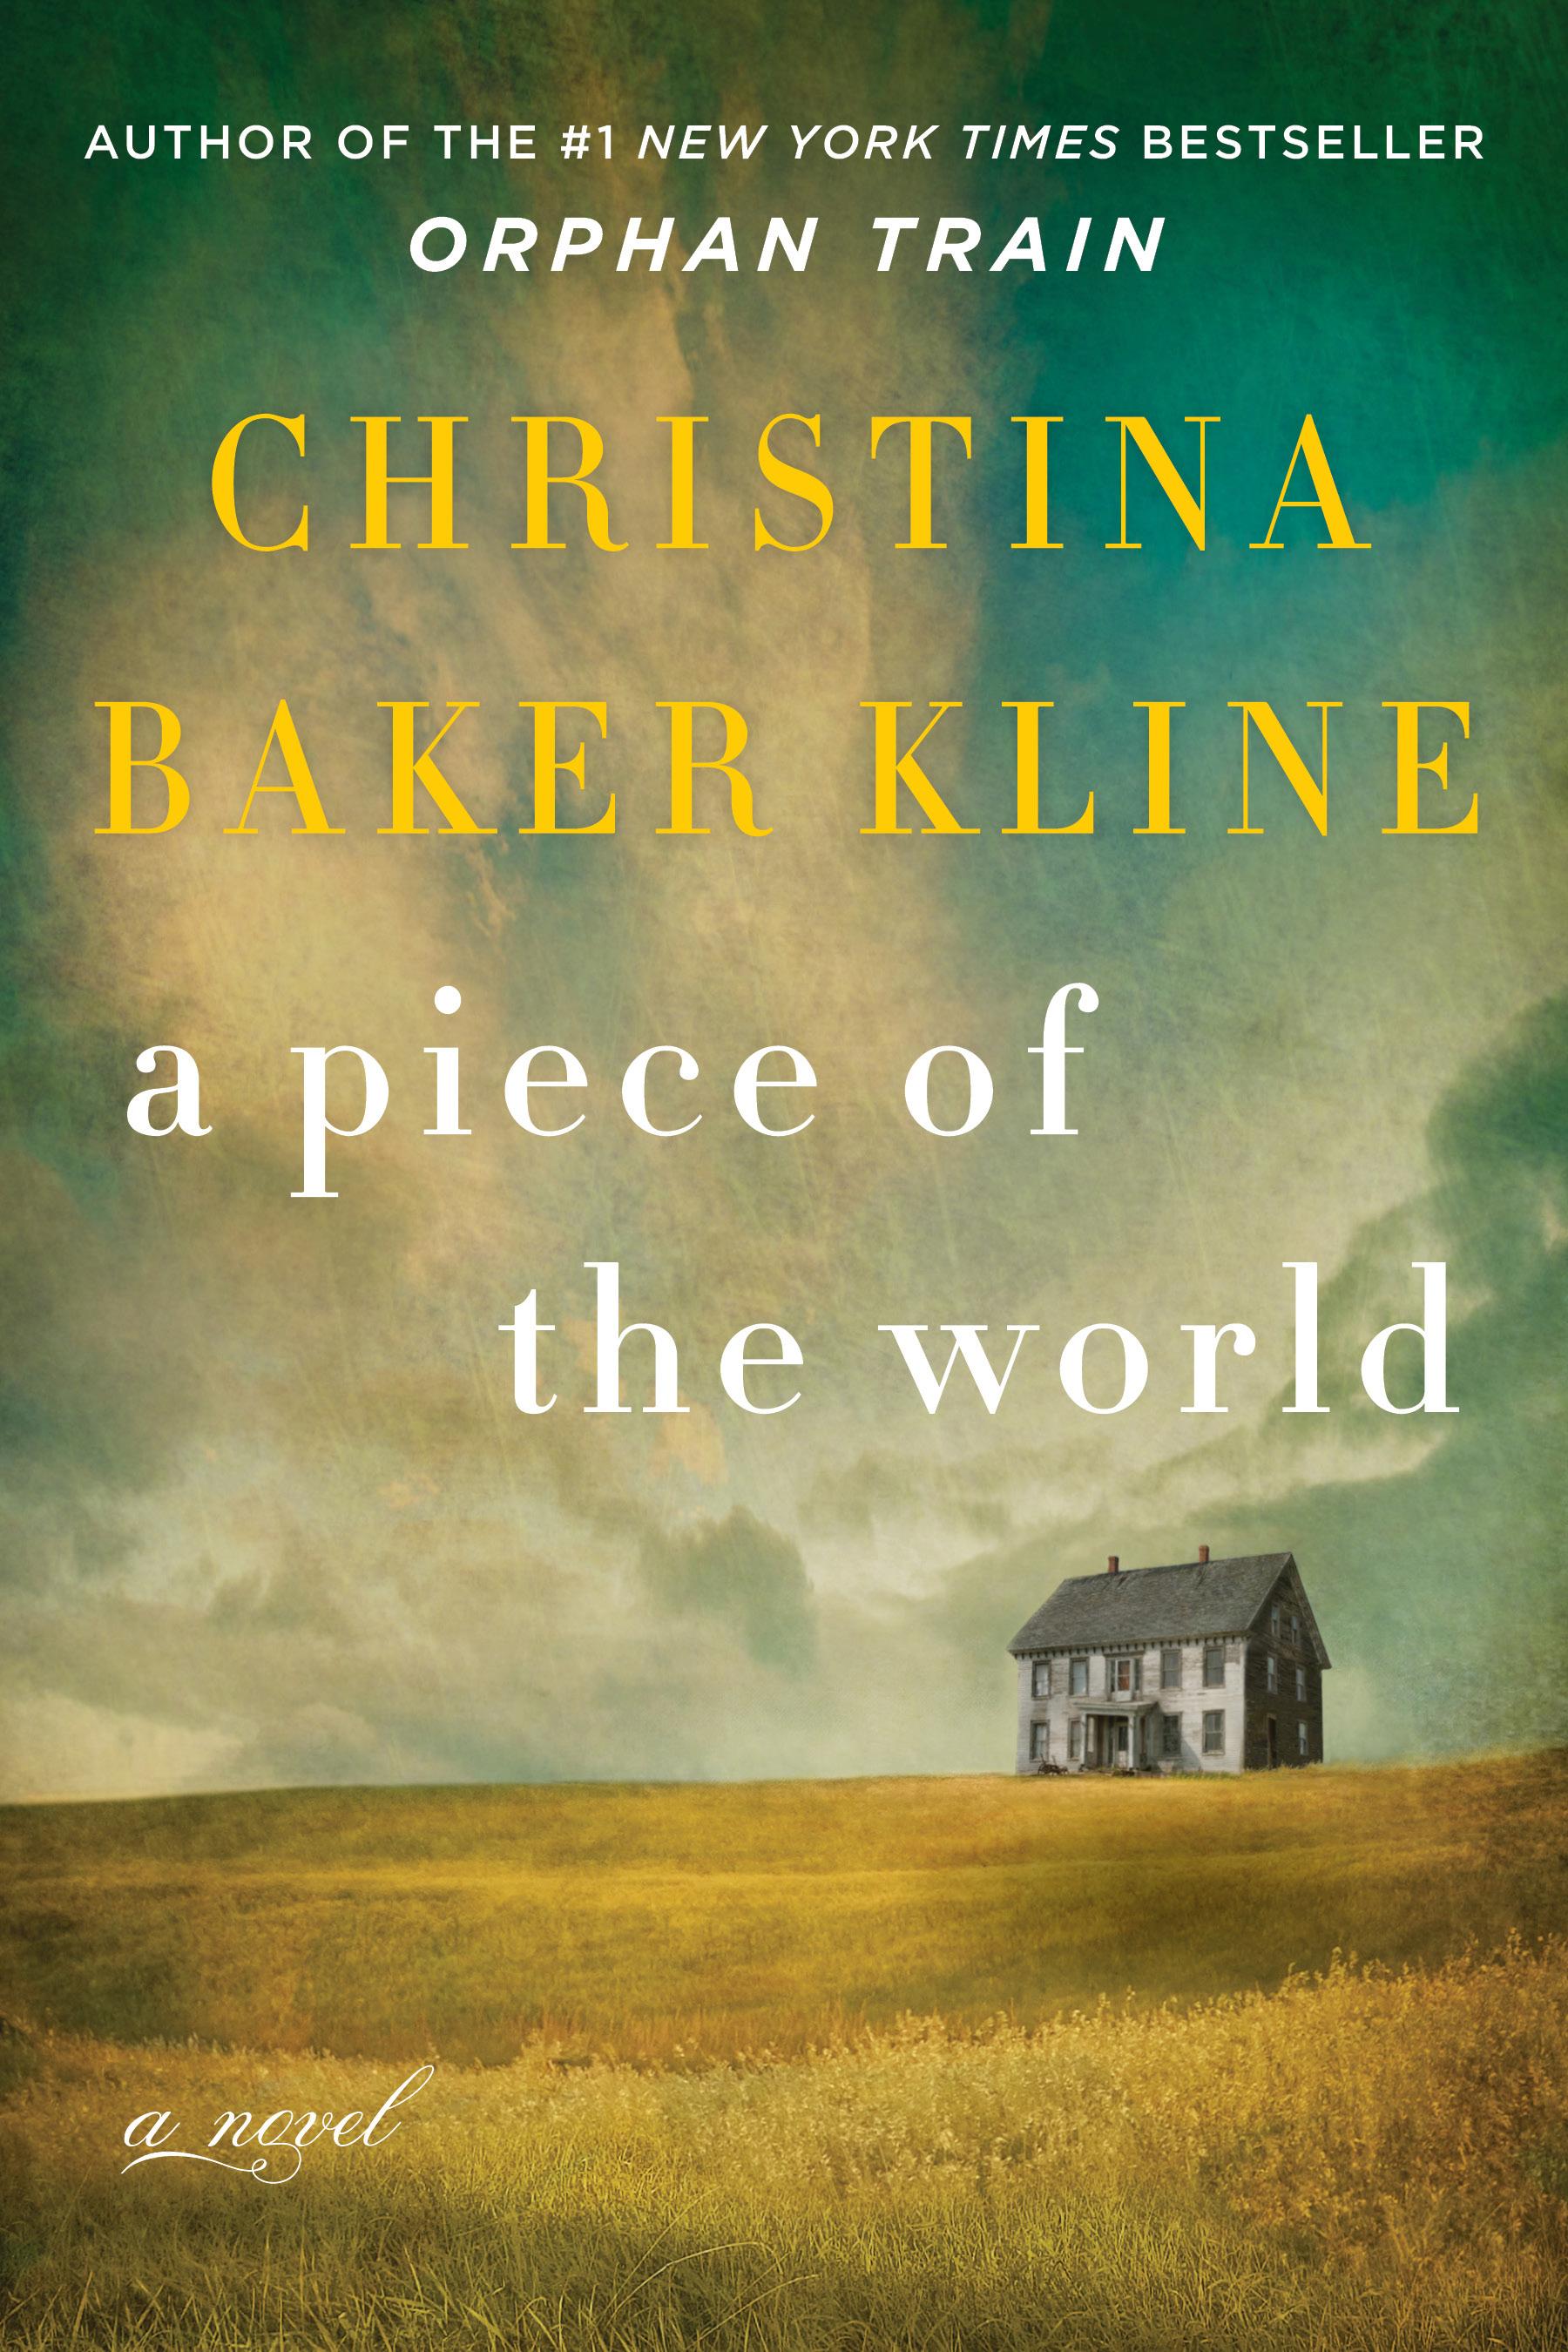 dbb7943d88d A Piece of the World by Christina Baker Kline